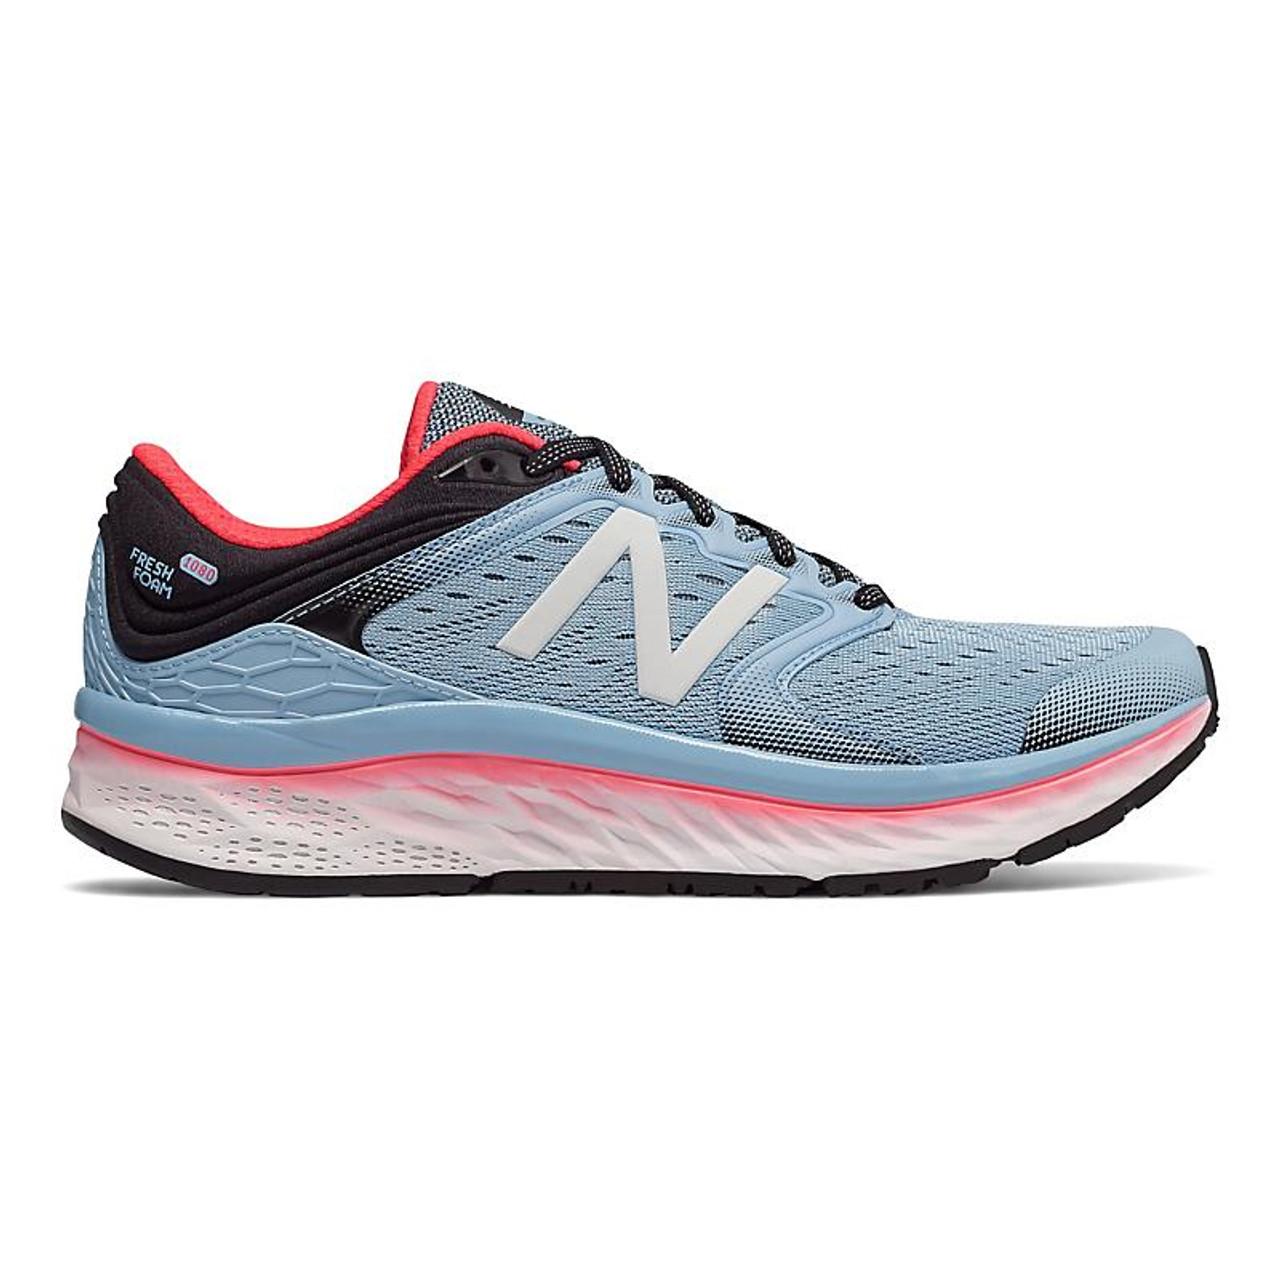 new balance 1080 uomo running